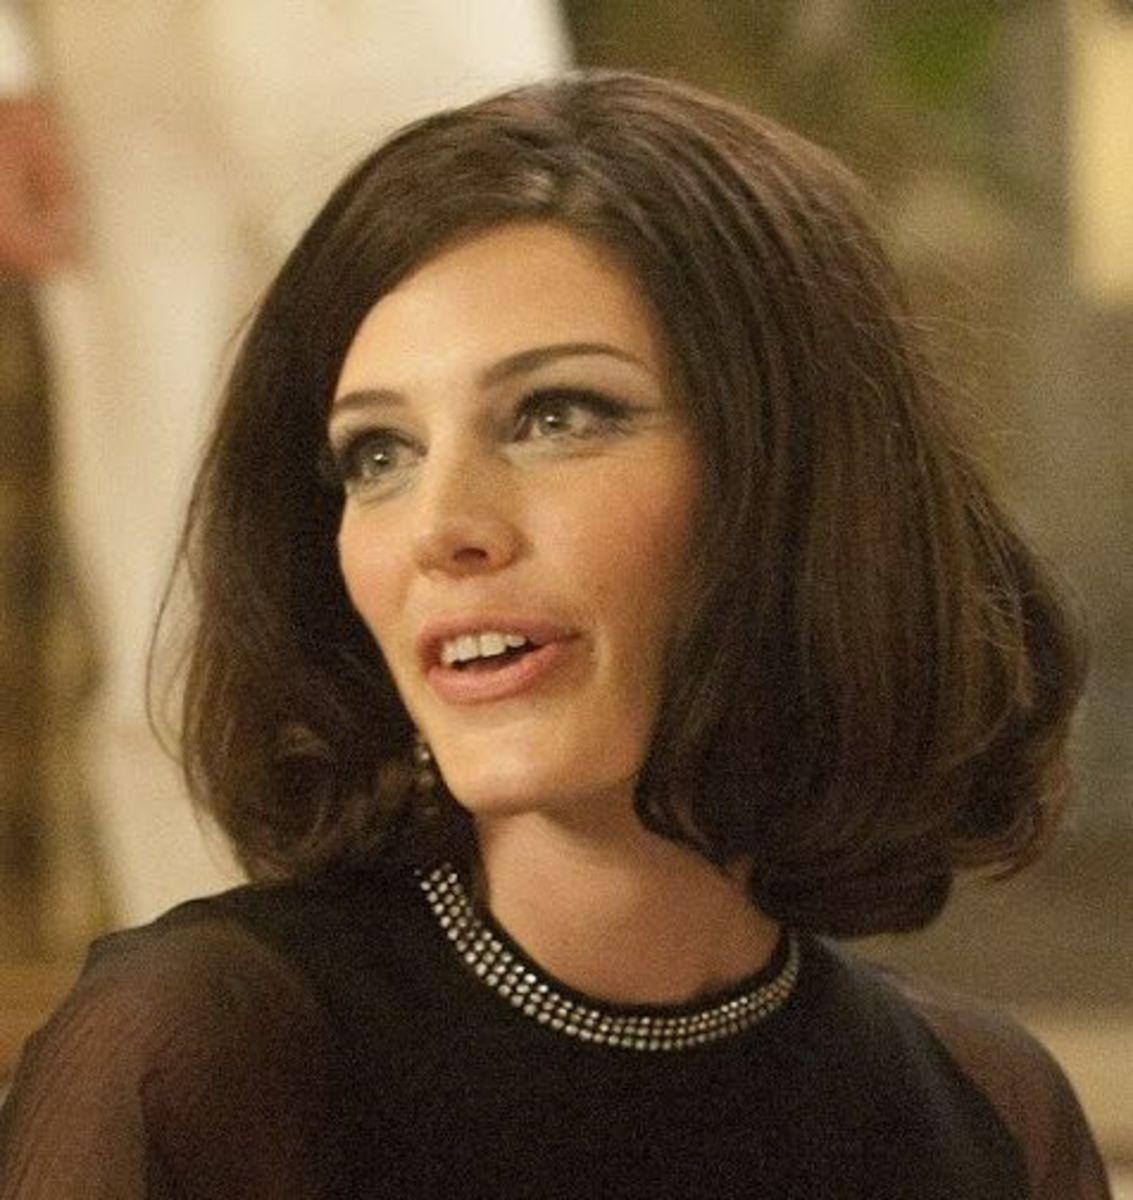 Megan Draper hairstyle.